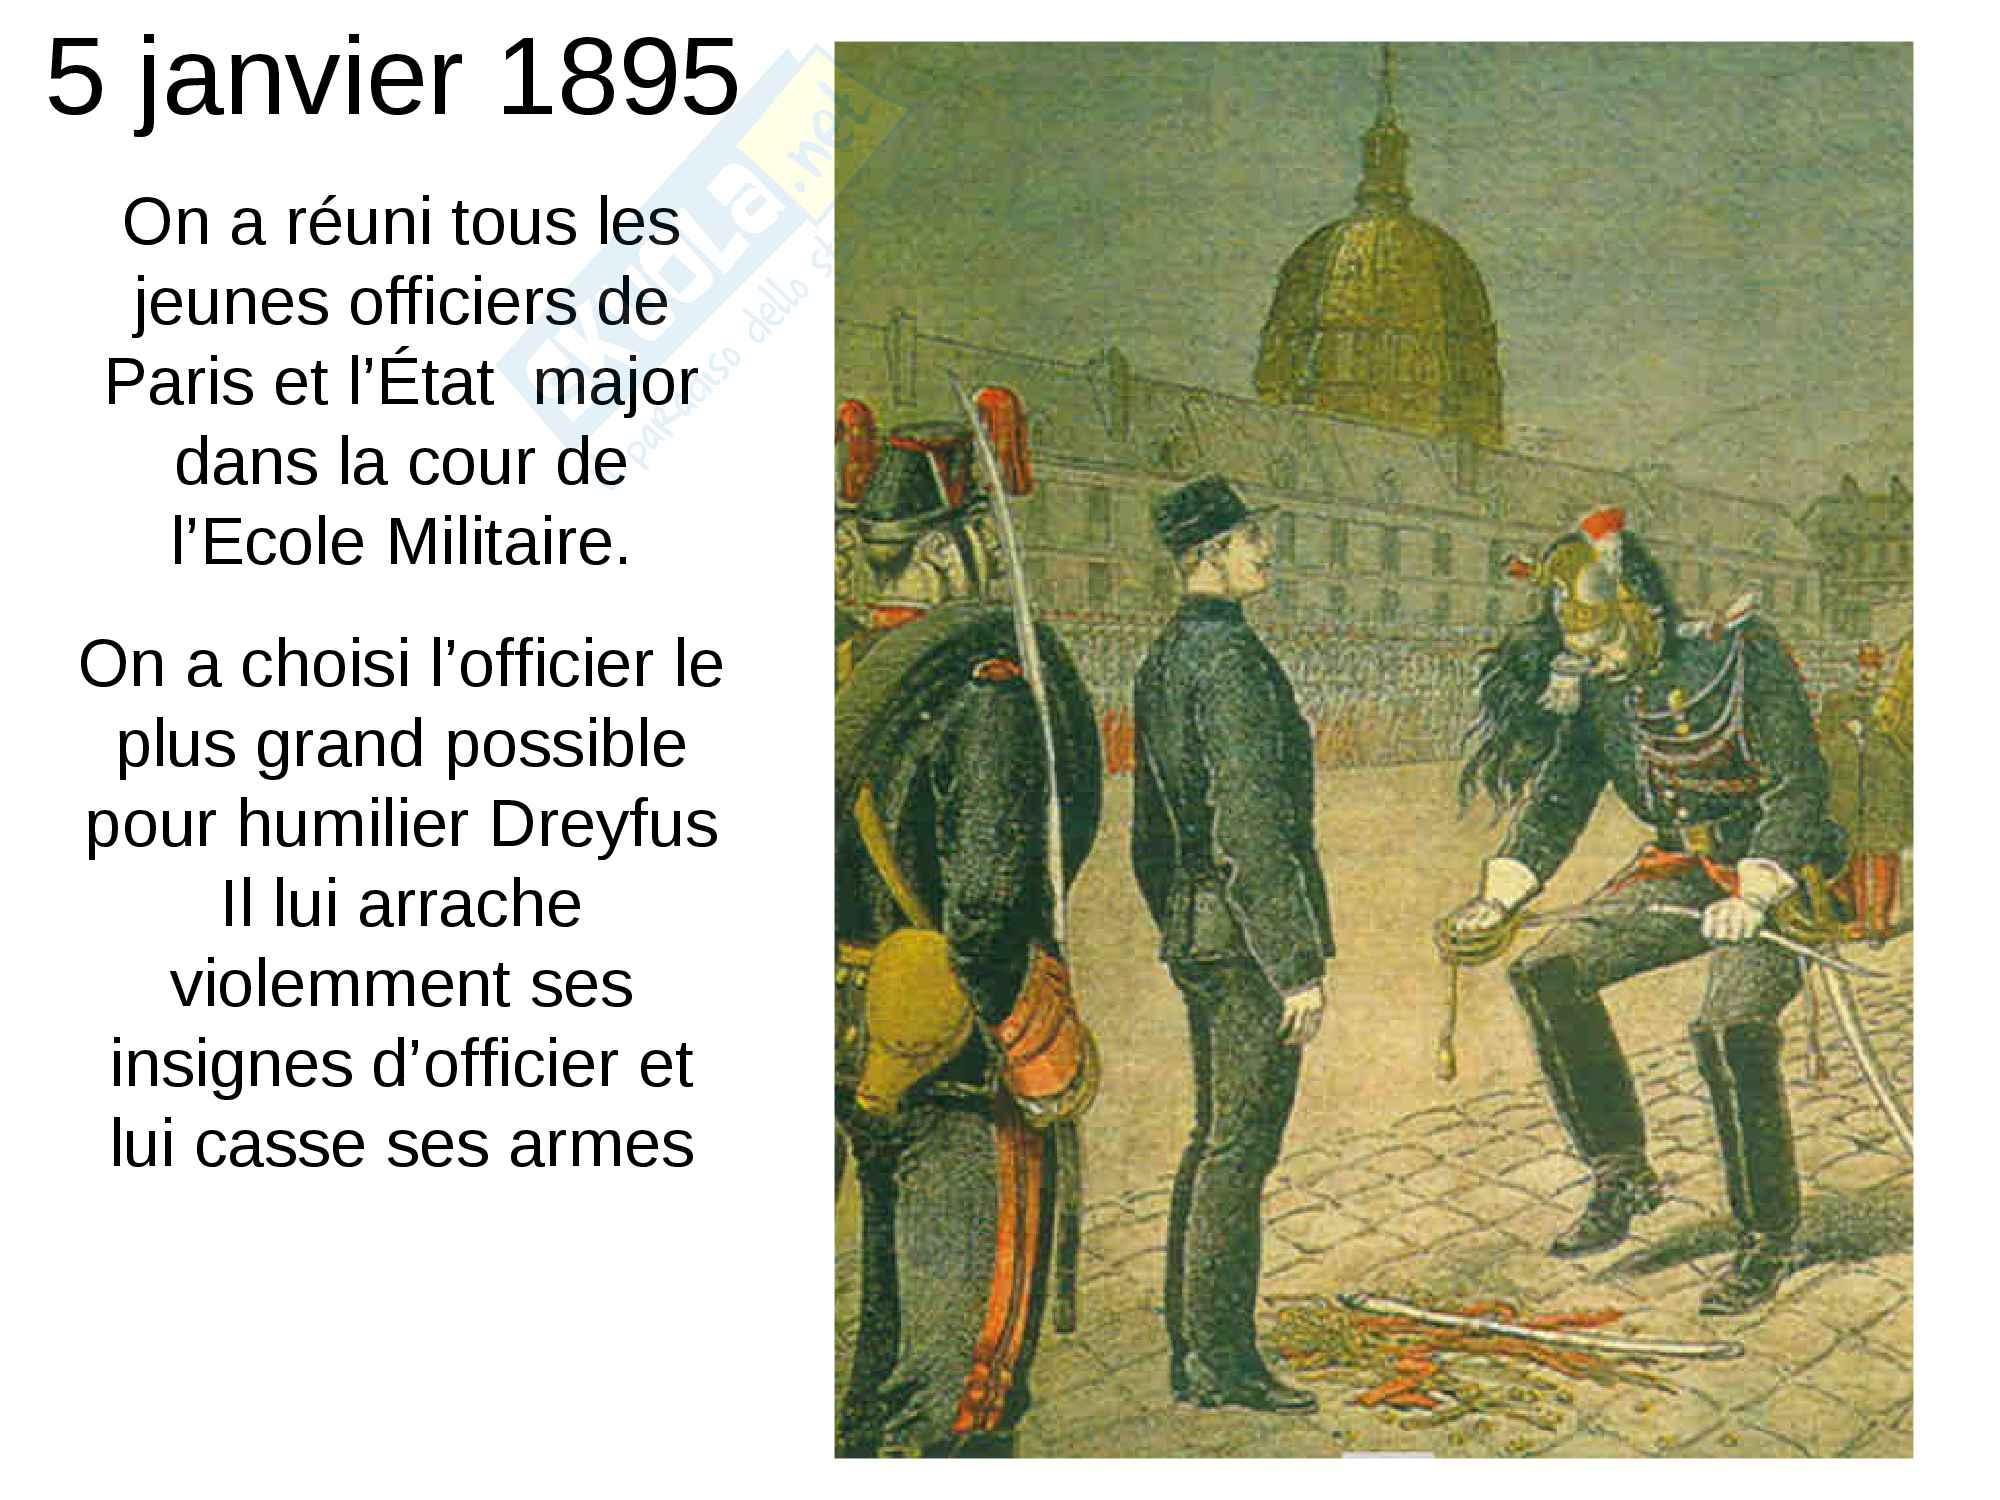 Présentation Power Point de l'affaire Dreyfus Pag. 11